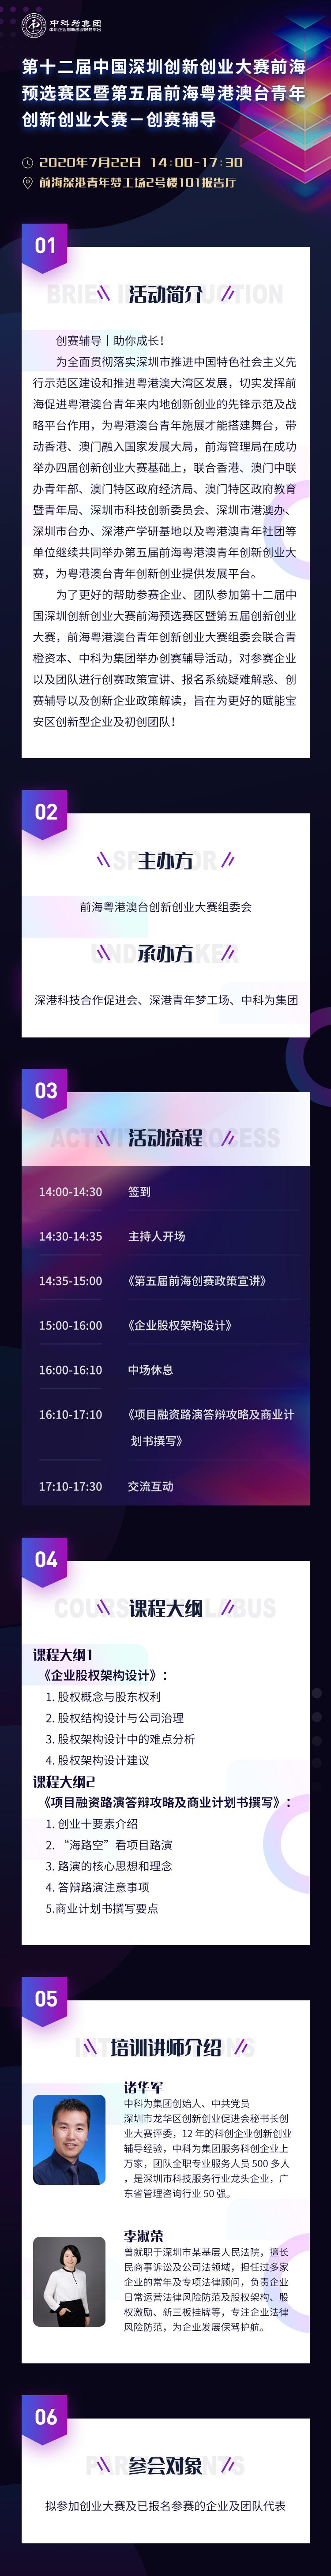 第十二届中国深圳创新创业大赛前海预选赛区(3).jpg